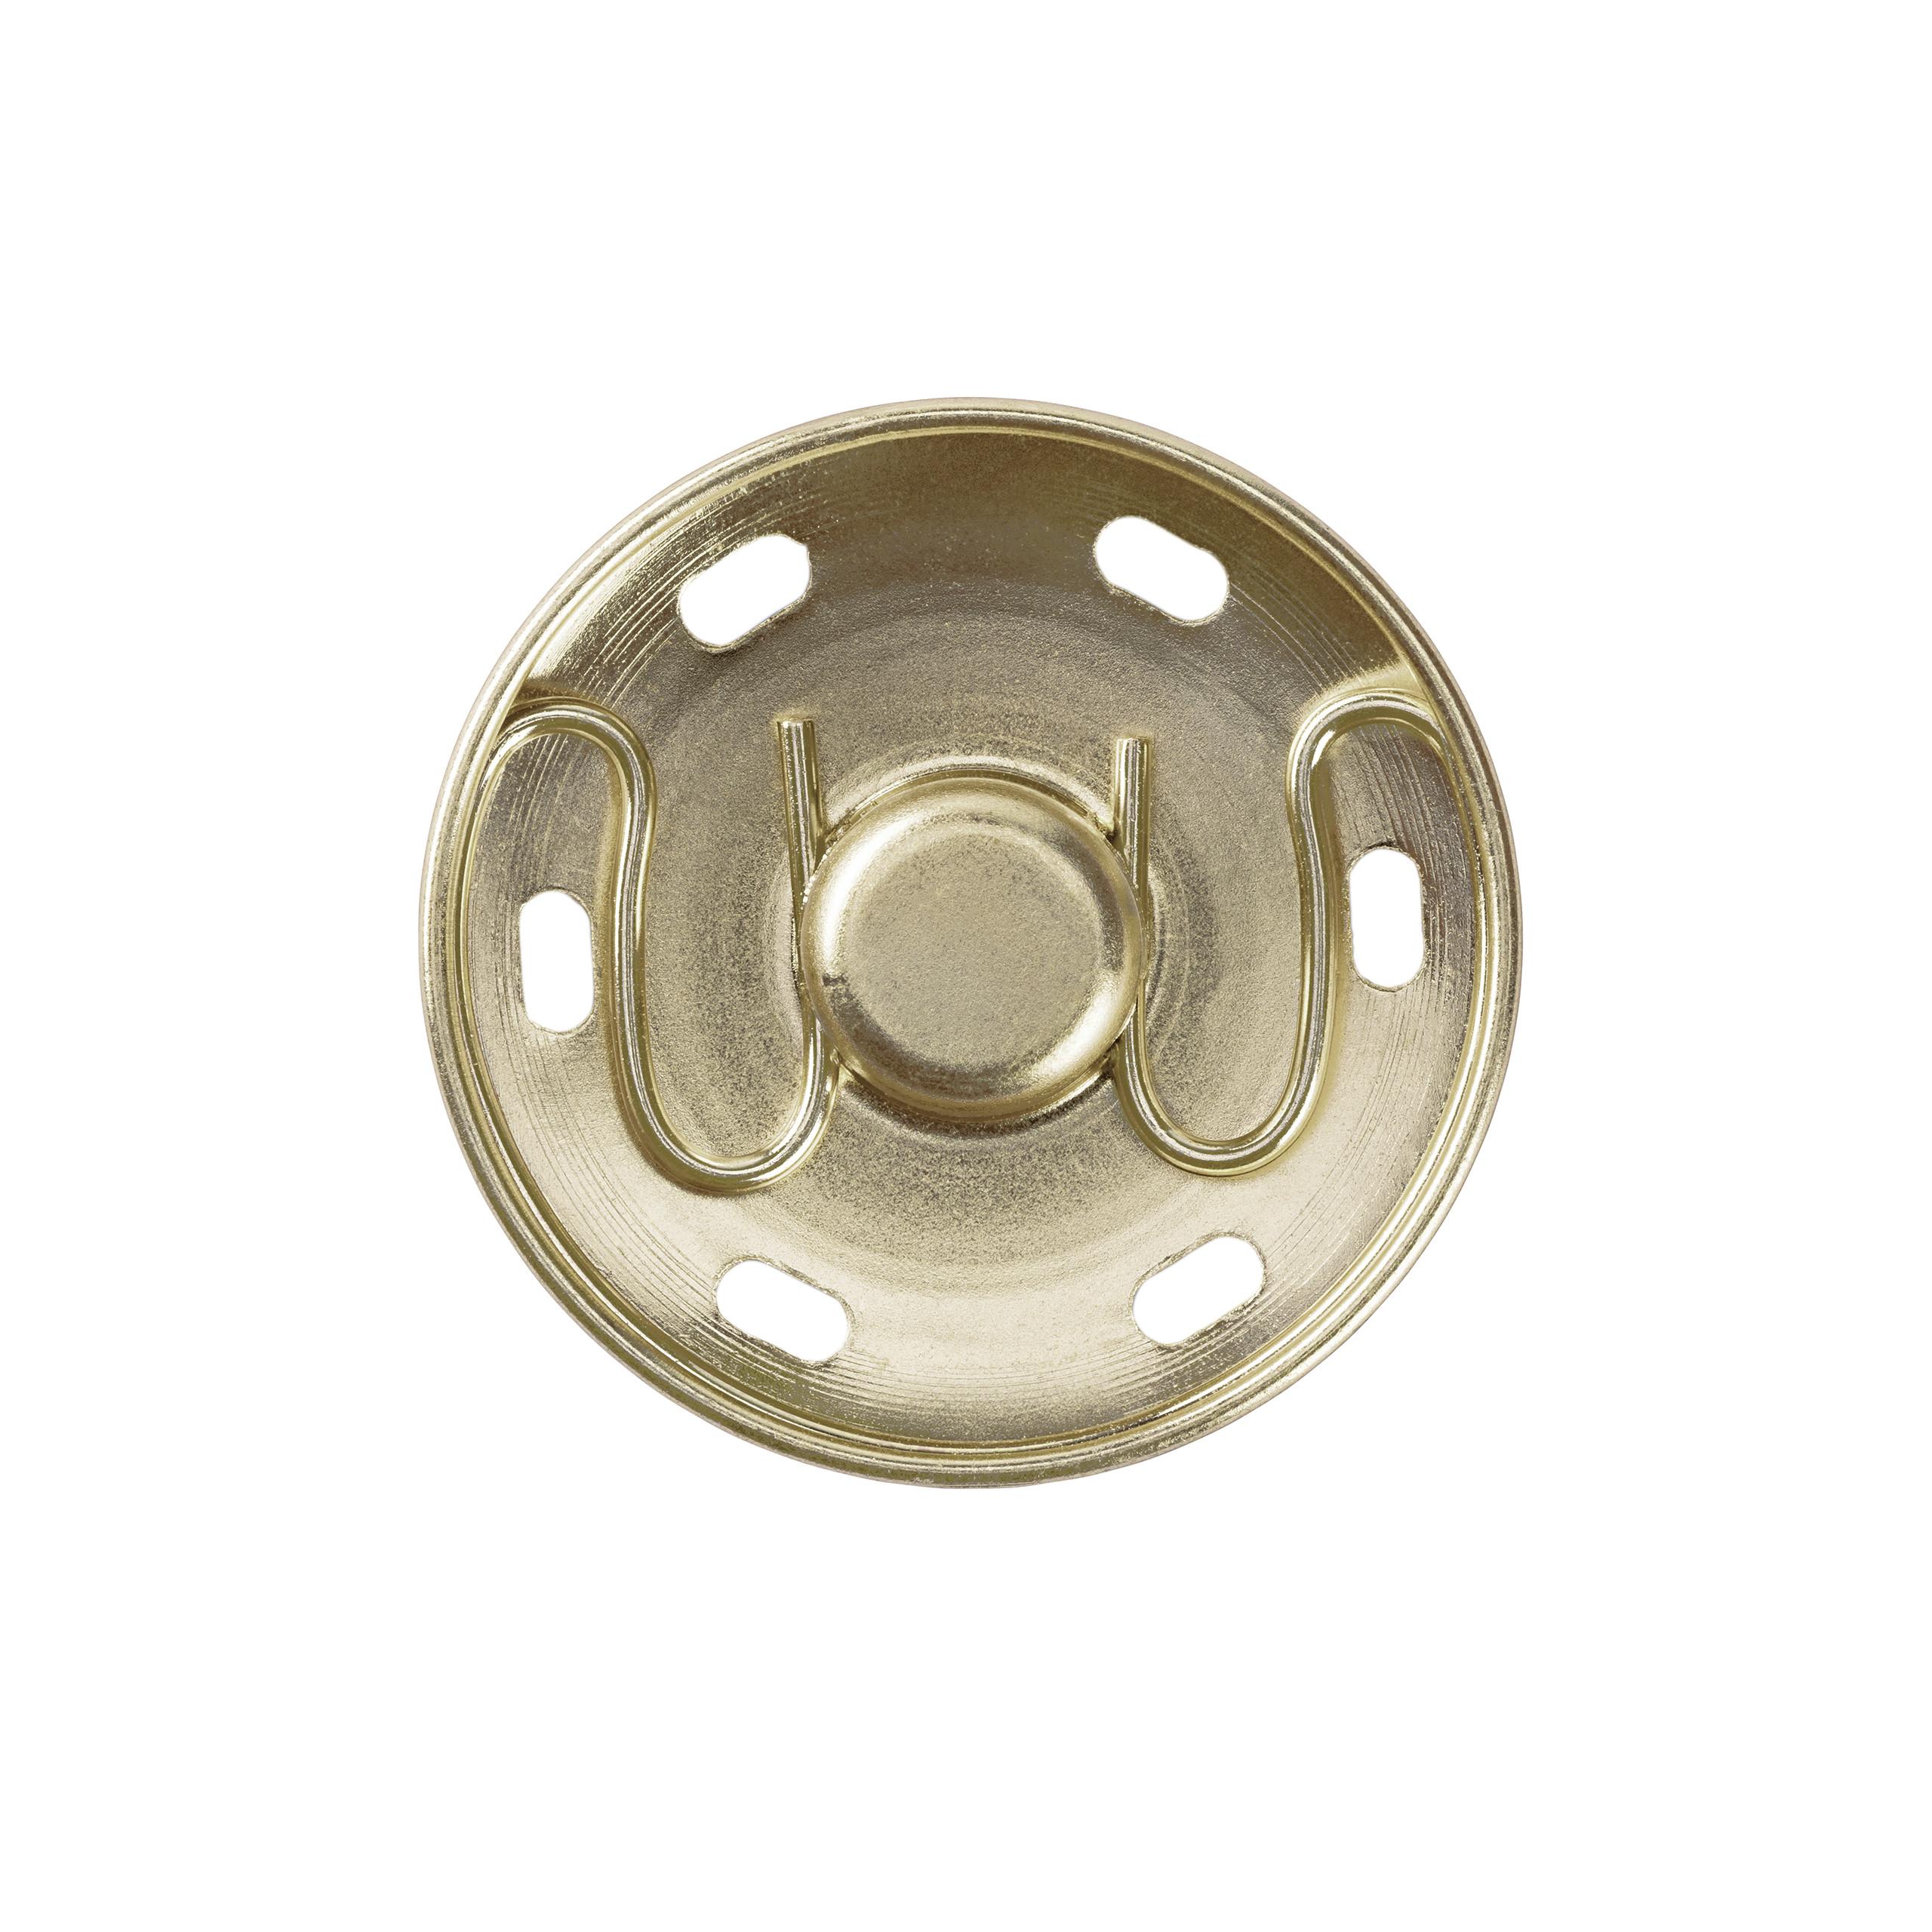 Druckknöpfe, messing, 2 Stück, 30 mm, Prym - Art. 341781